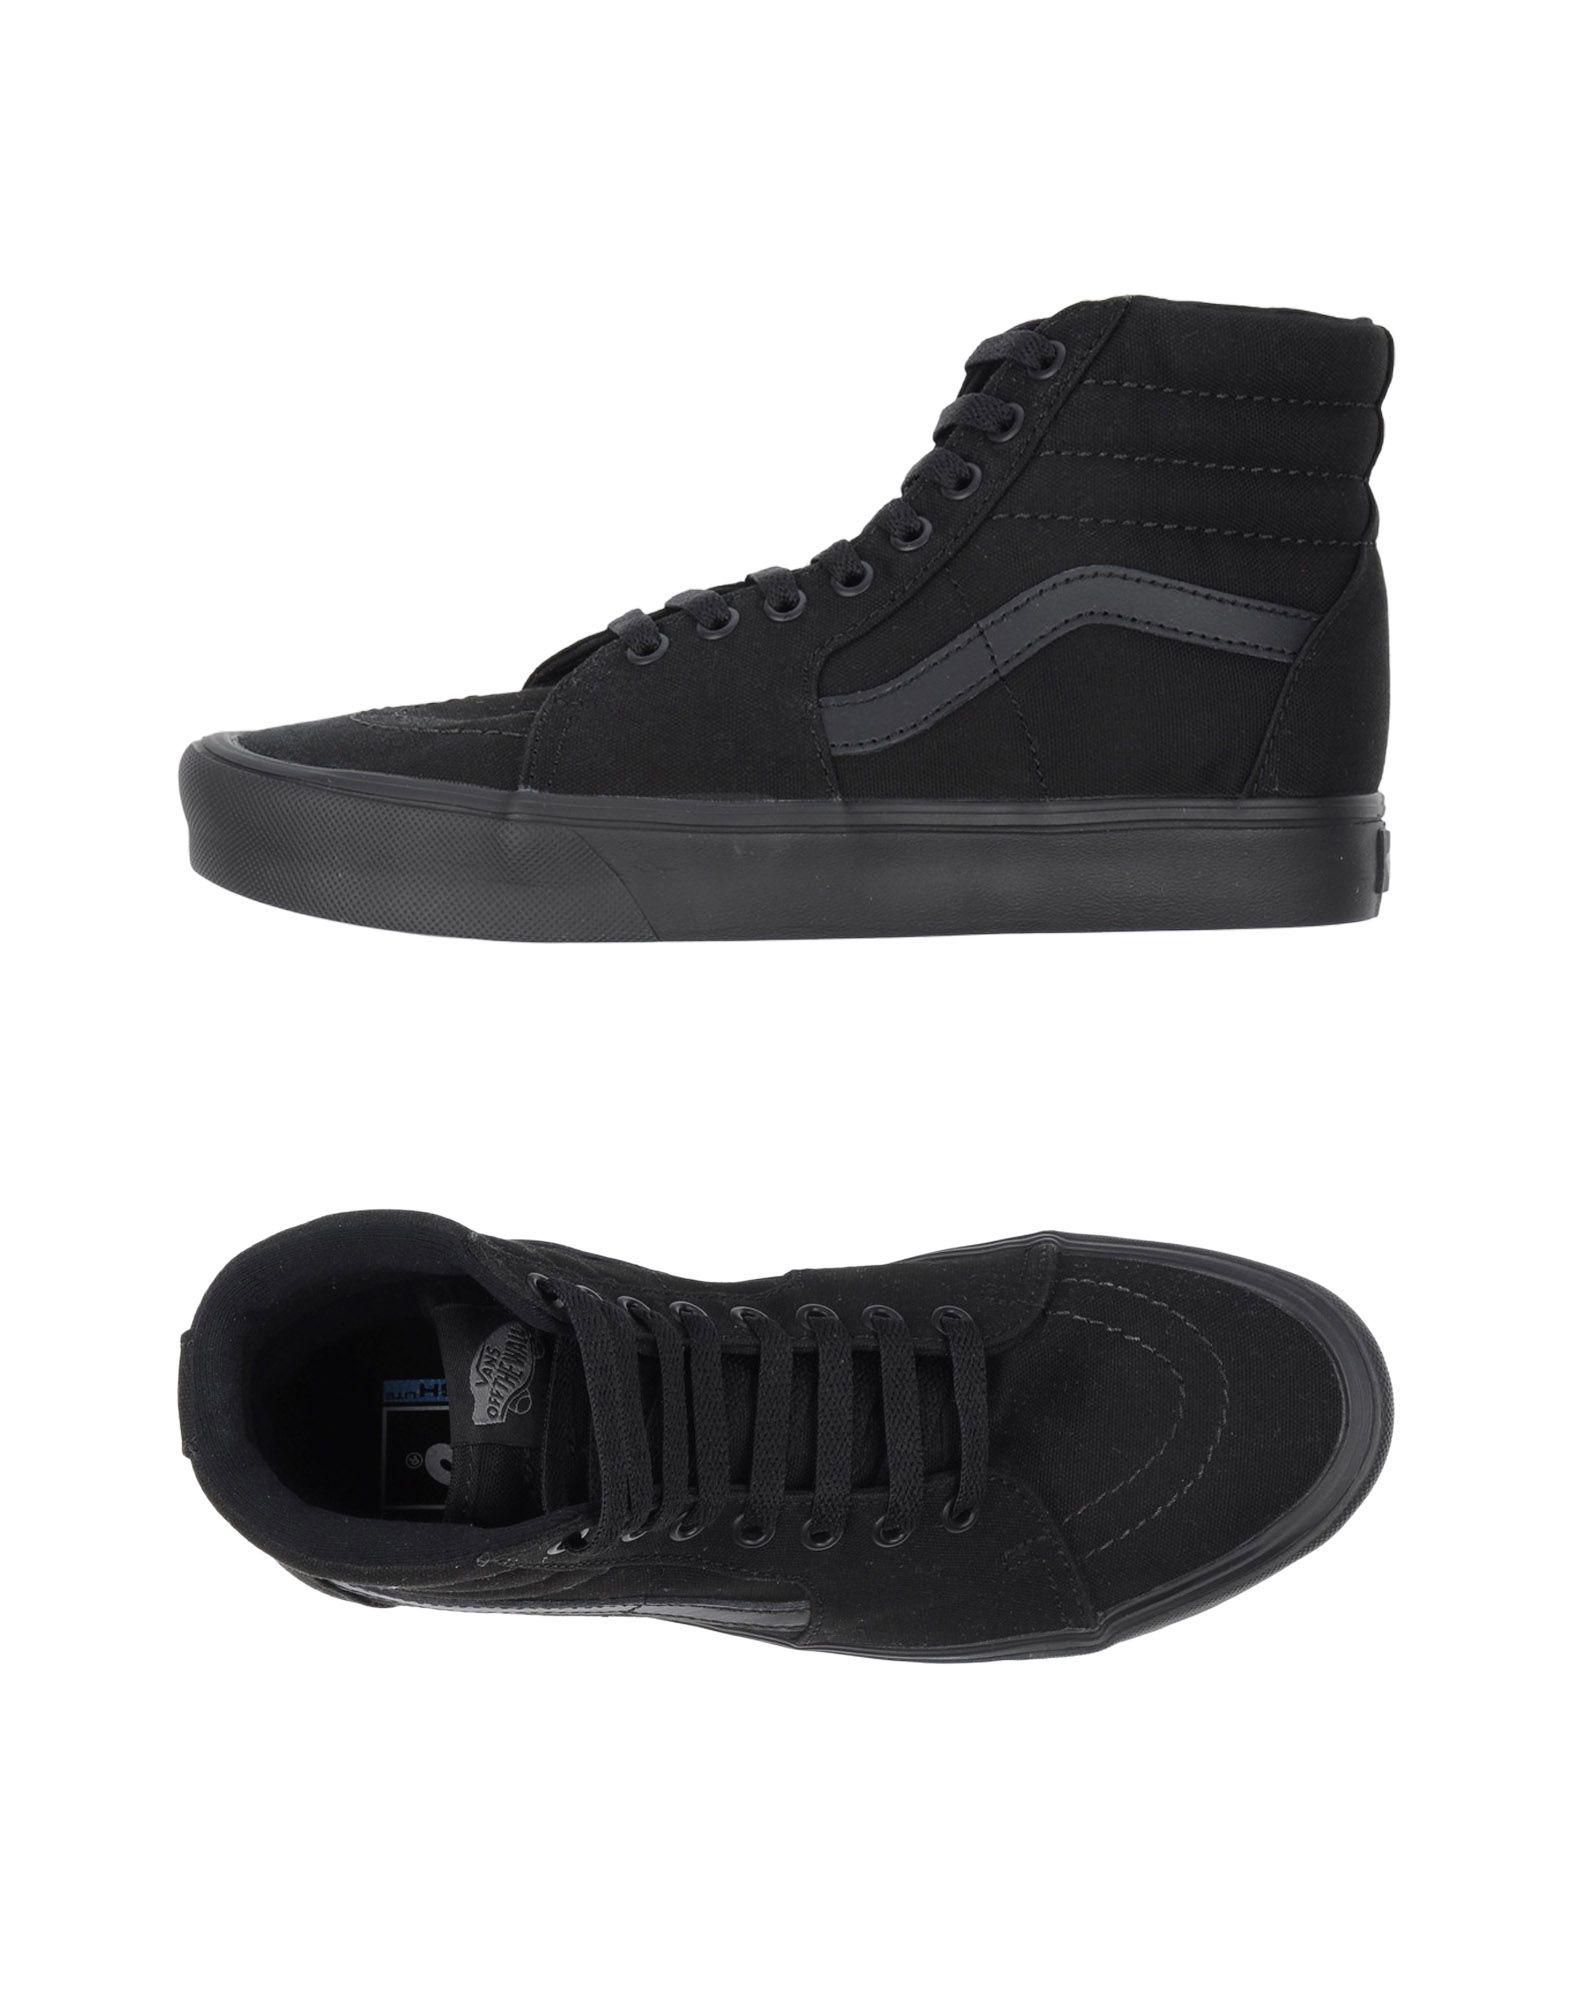 Vans Sneakers Herren Herren Sneakers  11278931DL a3d38c